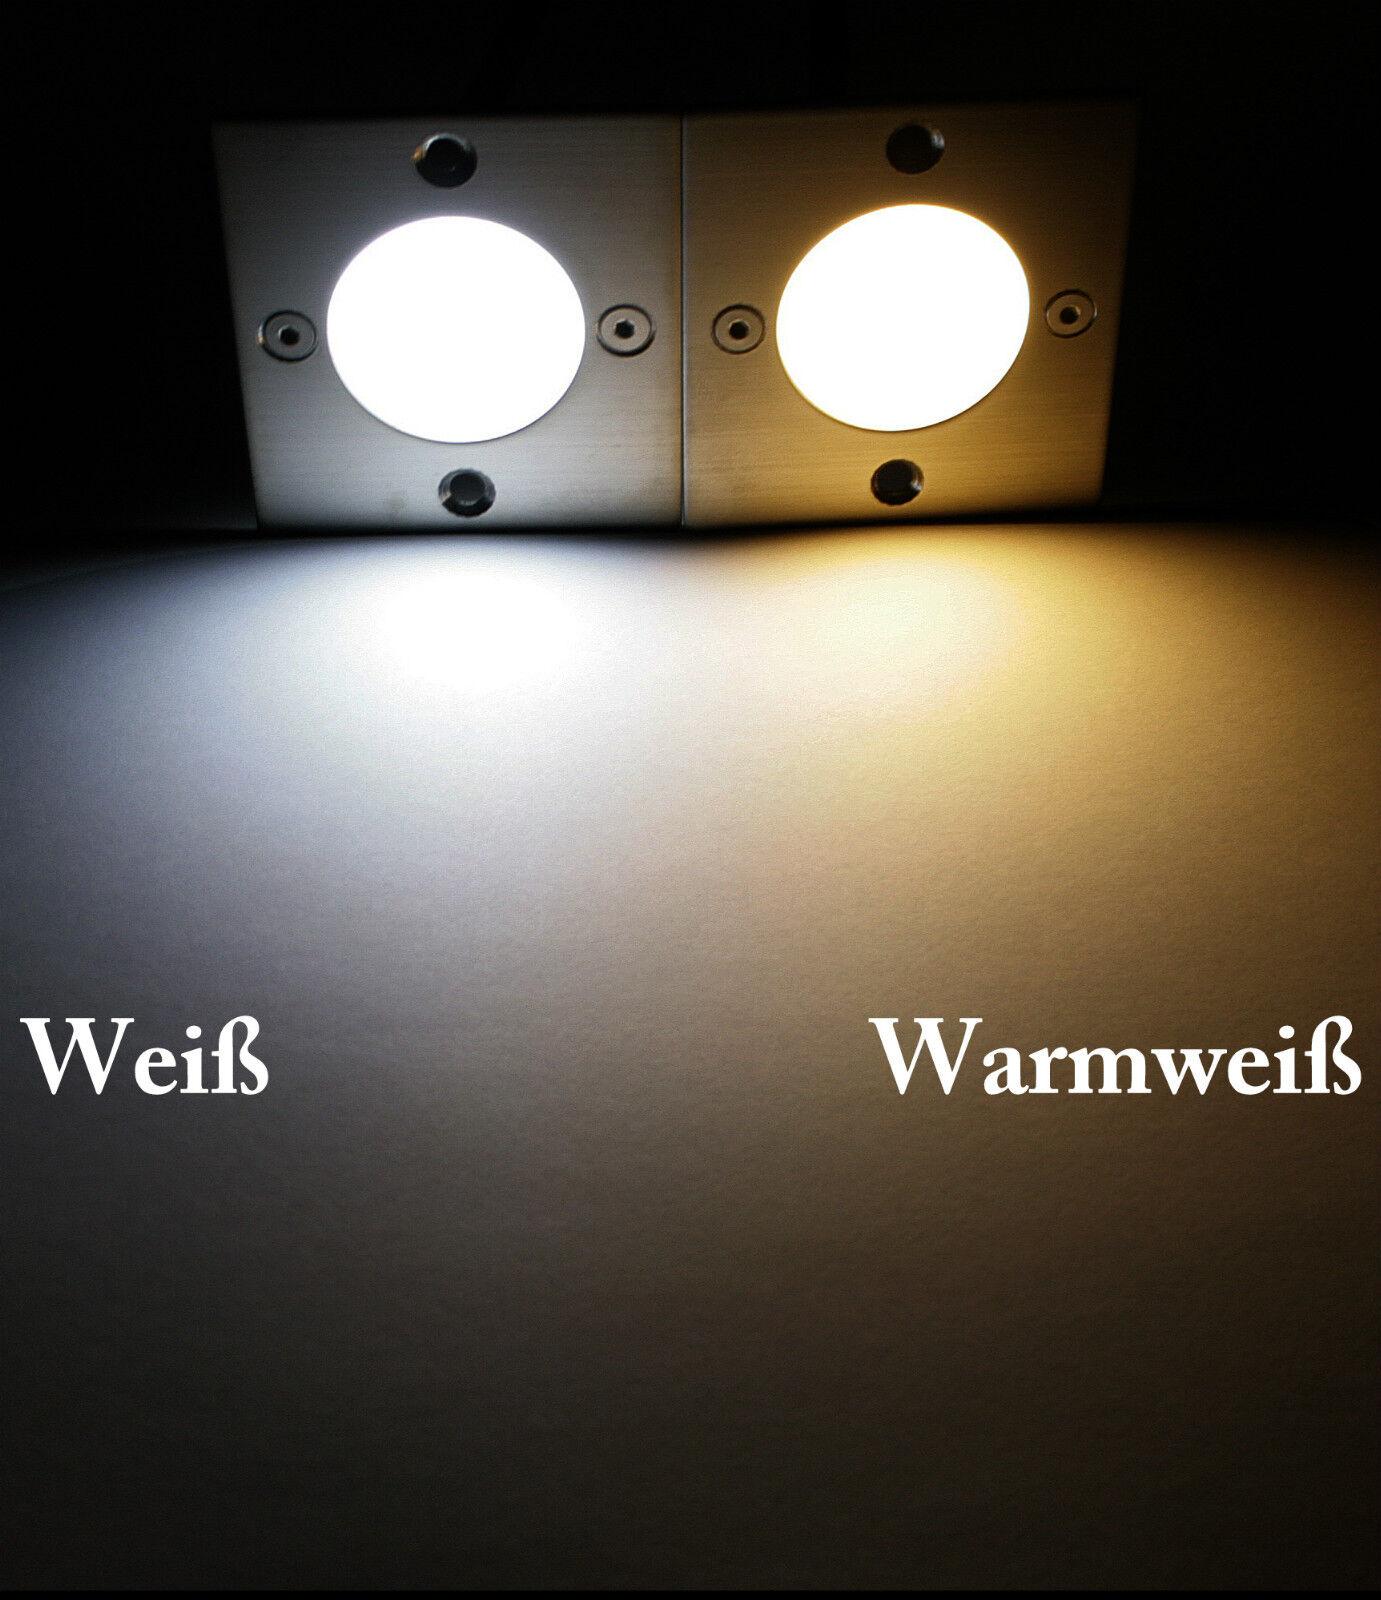 5er Set Schalterdosen Wand-Einbauleuchten Royal-S, Qualität von Kamilux, IP20 IP20 IP20 | Toy Story  | München Online Shop  | Berühmter Laden  cbf48d